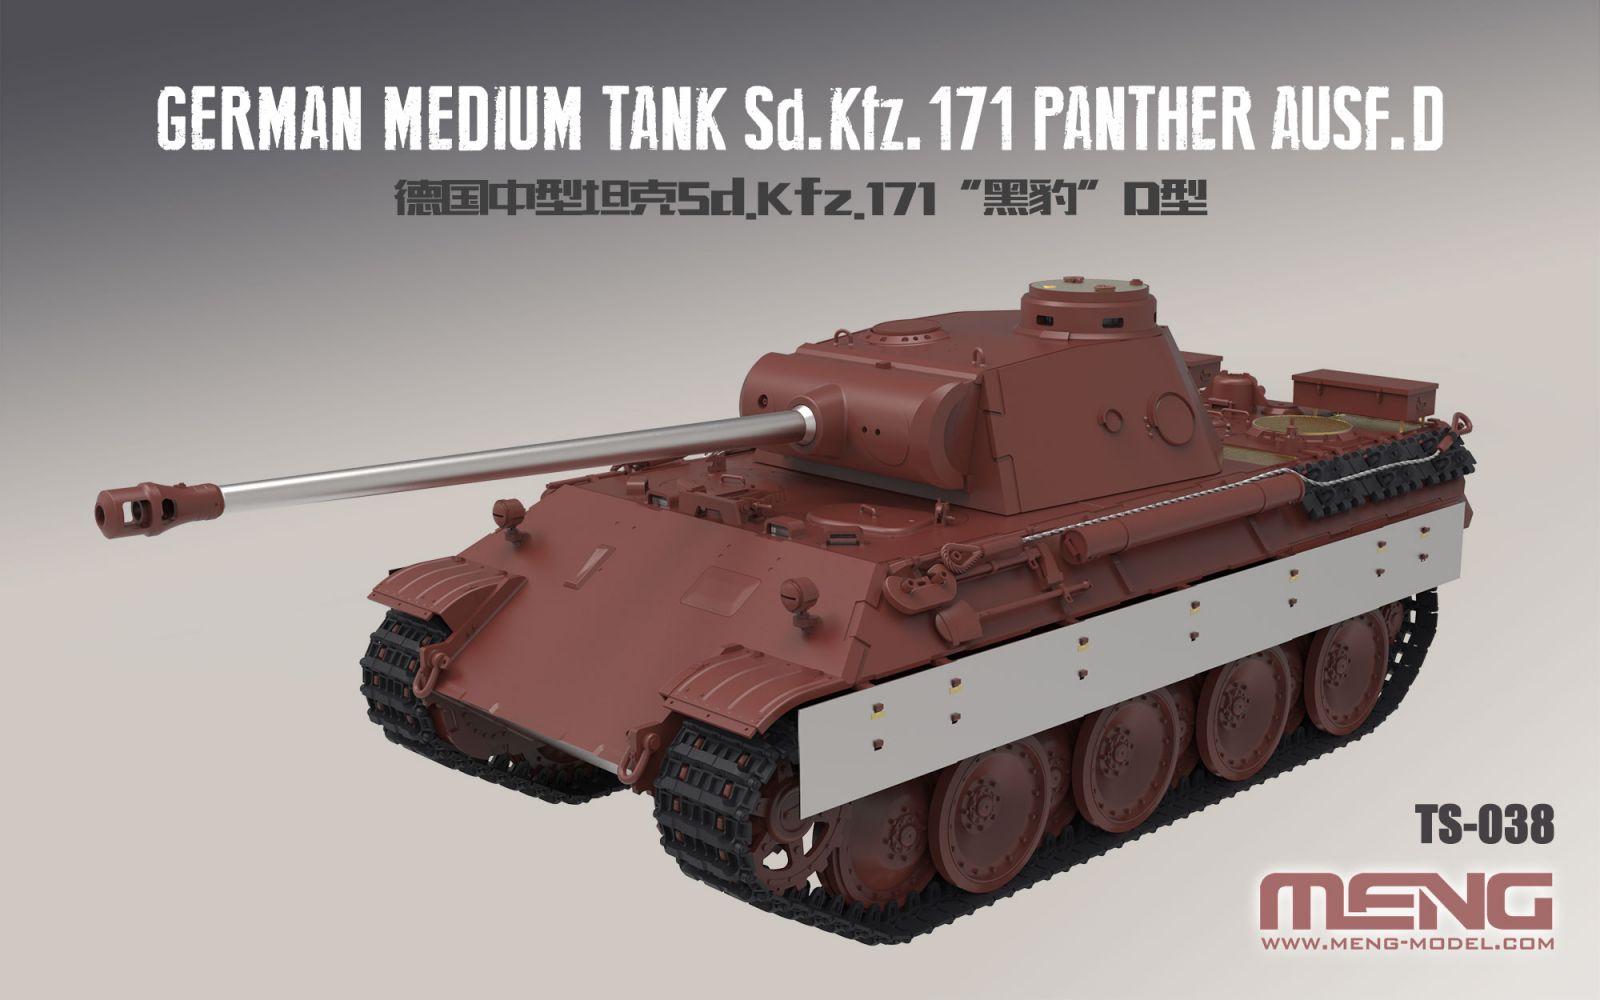 MMTS-038